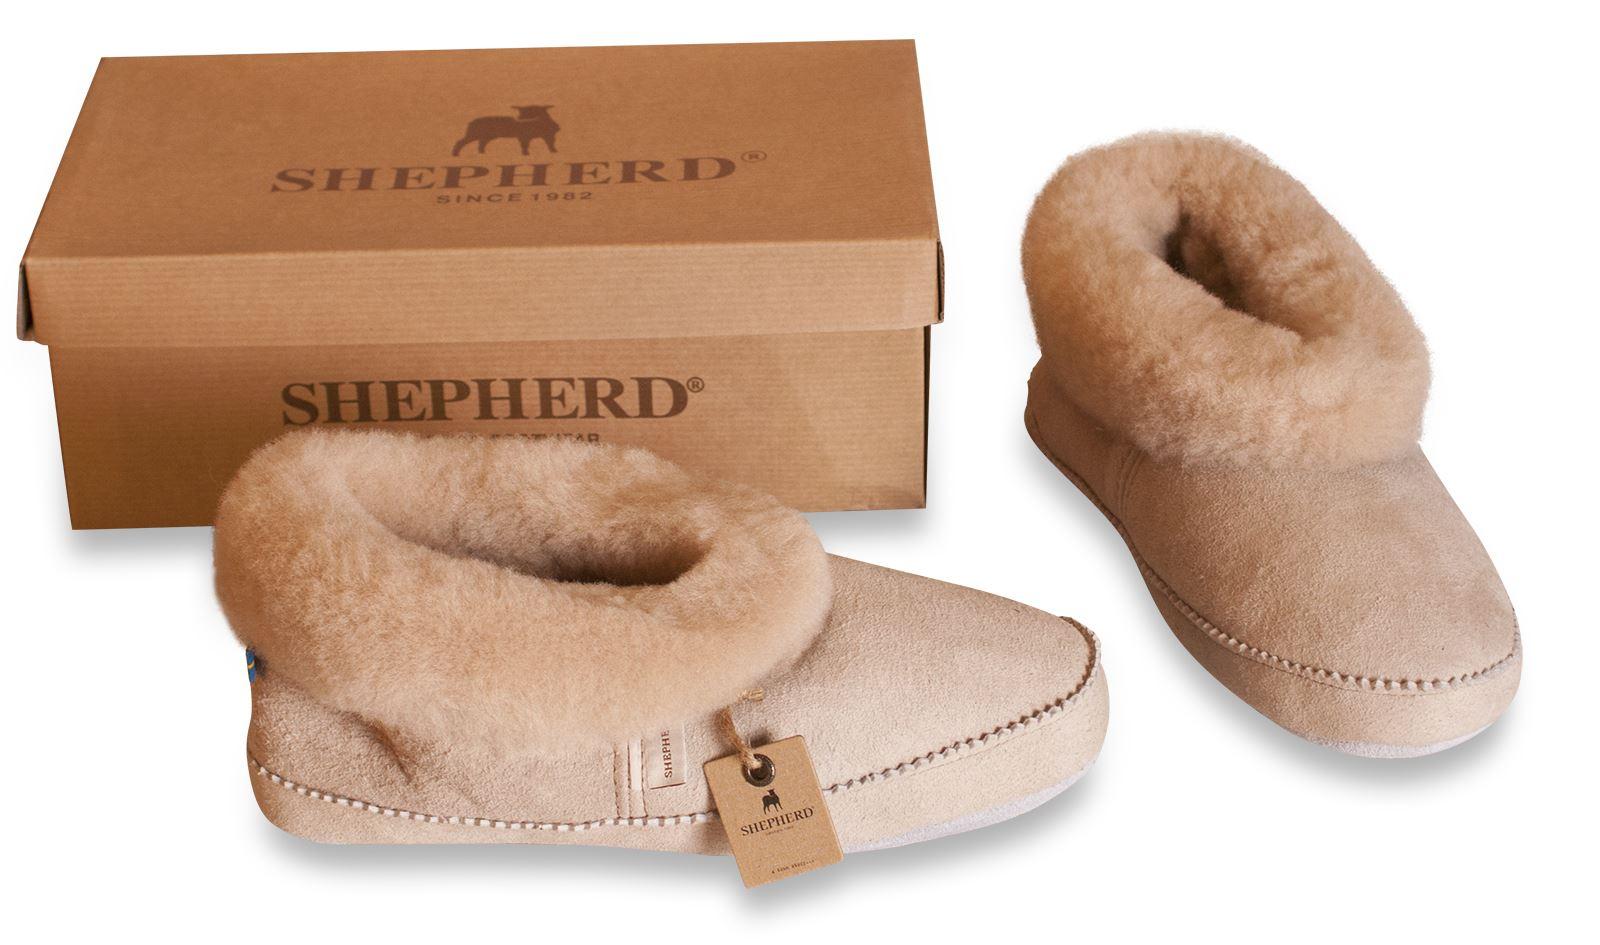 shepherd femme 100 peau de mouton chaussons chaussures semelle doux emmy 924 ebay. Black Bedroom Furniture Sets. Home Design Ideas